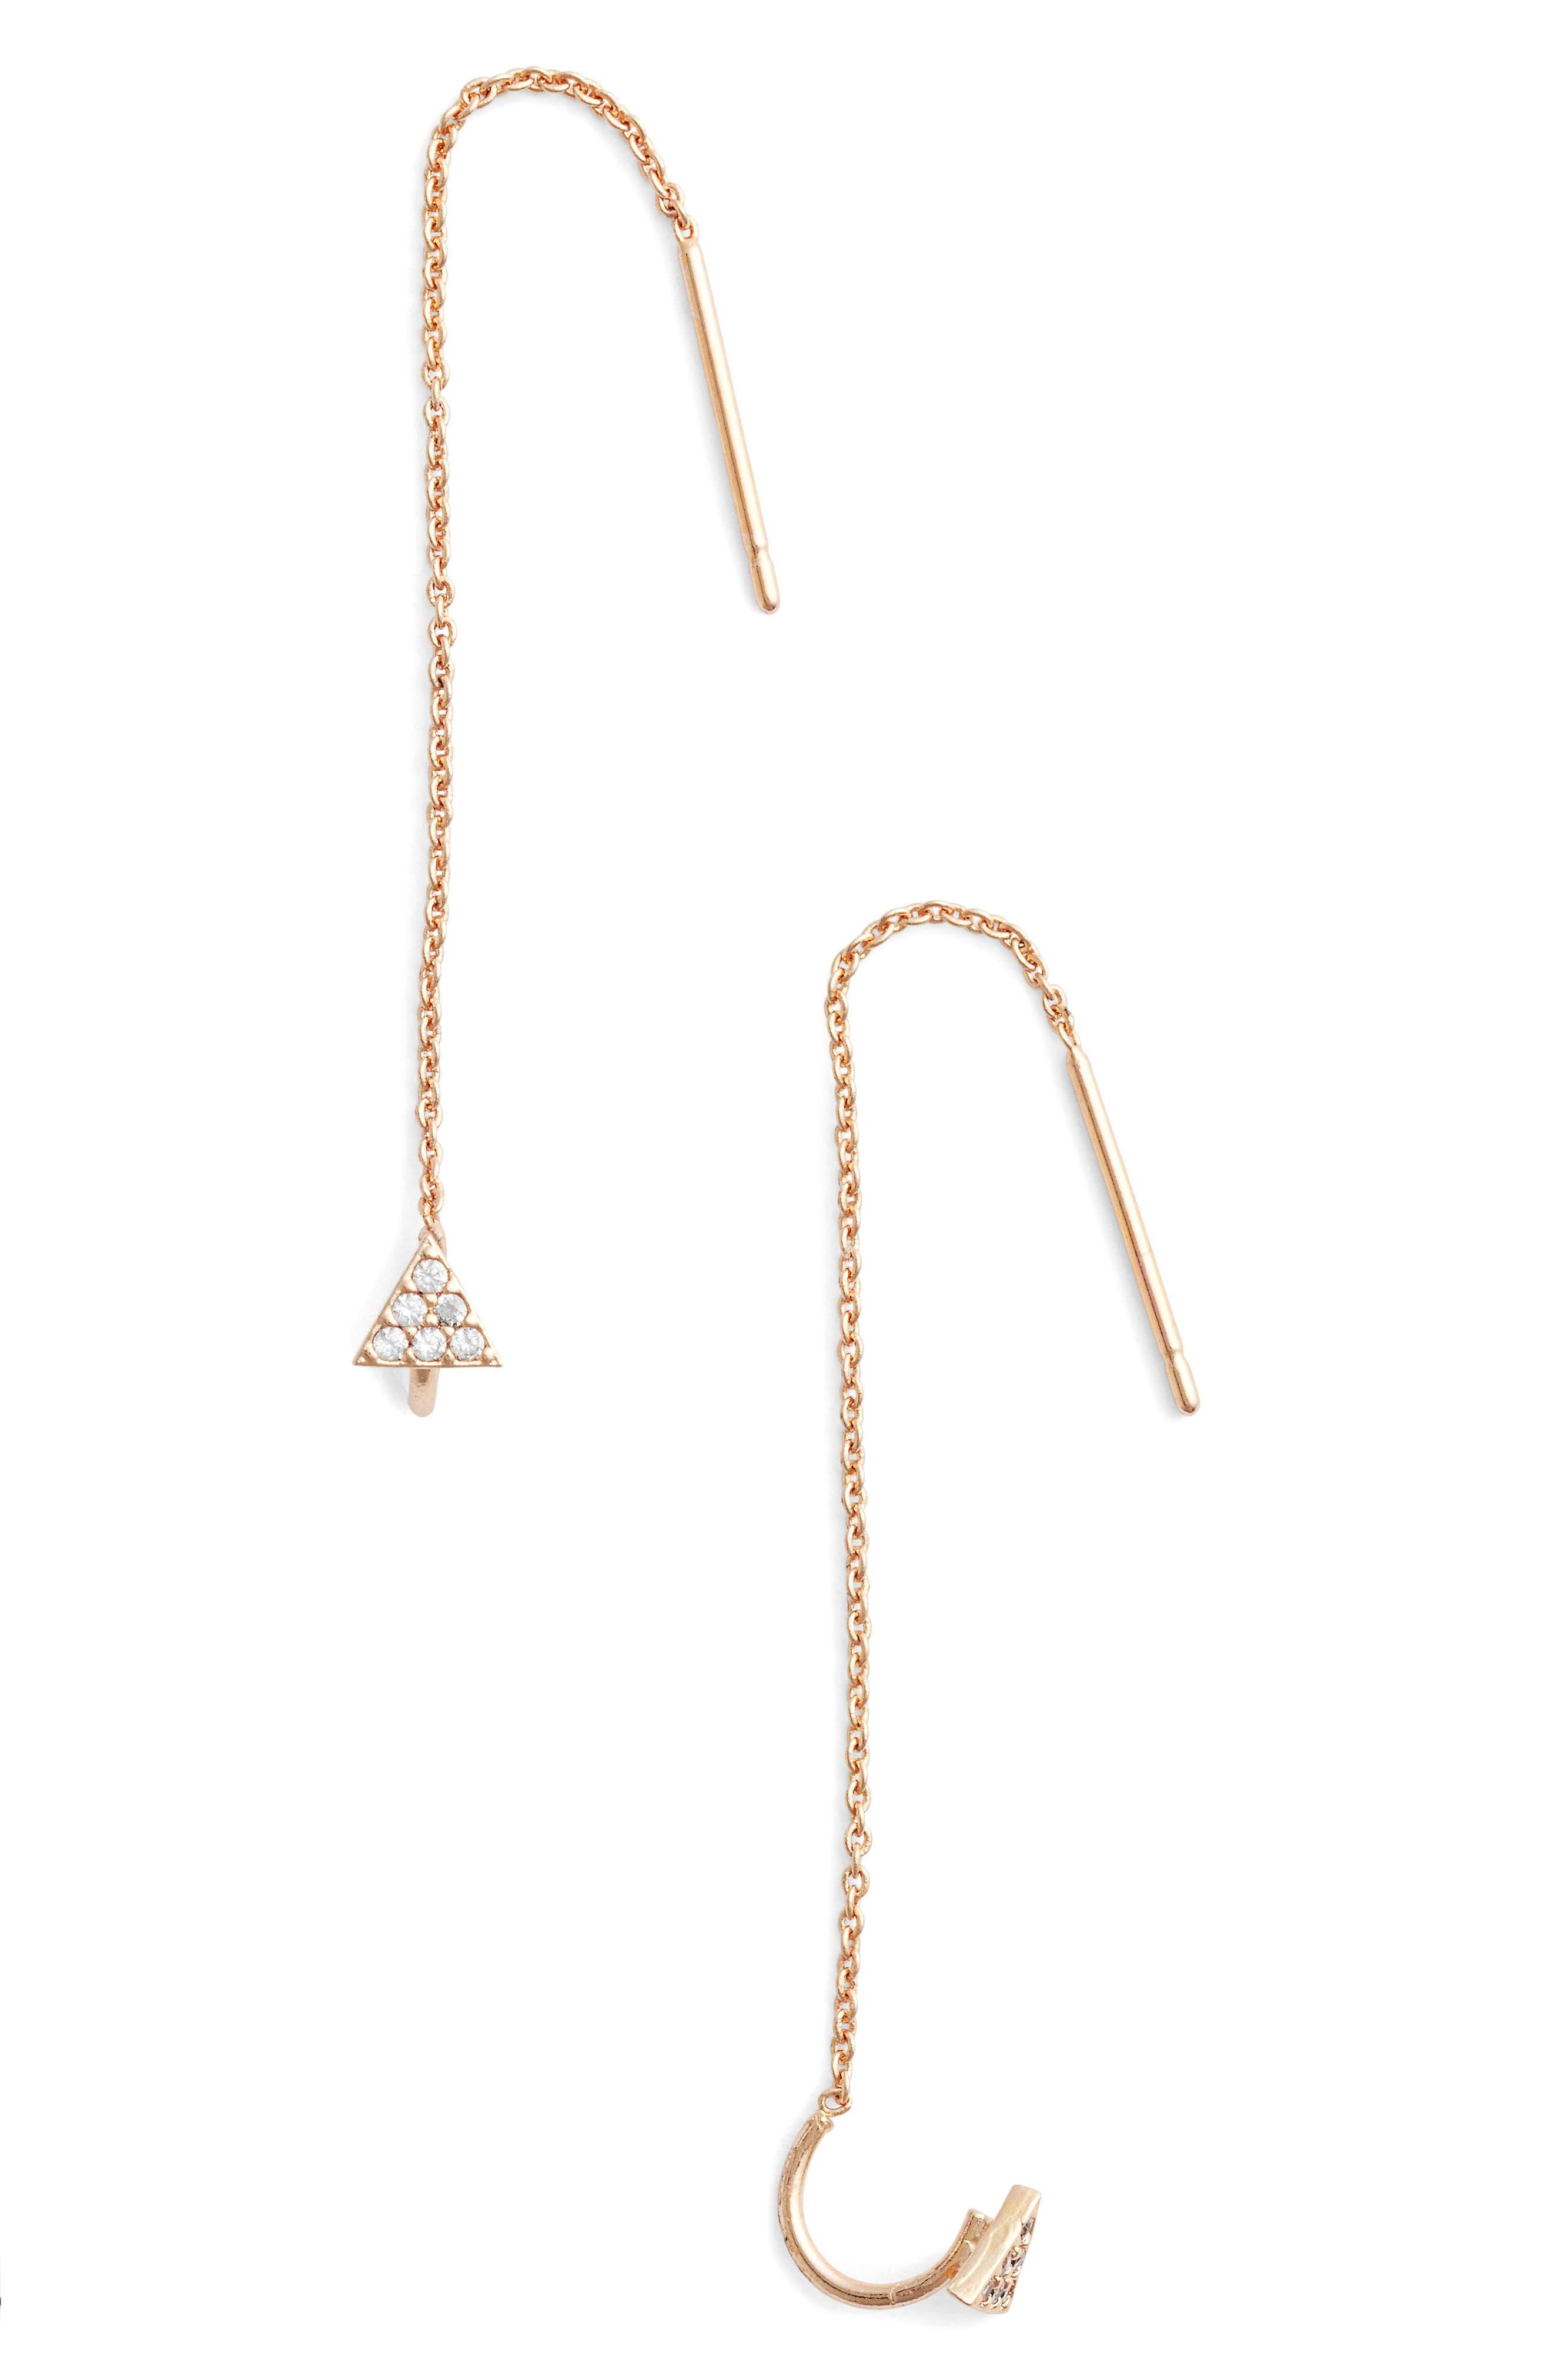 Hayek Threader Earrings,                             Main thumbnail 1, color,                             Rose Gold